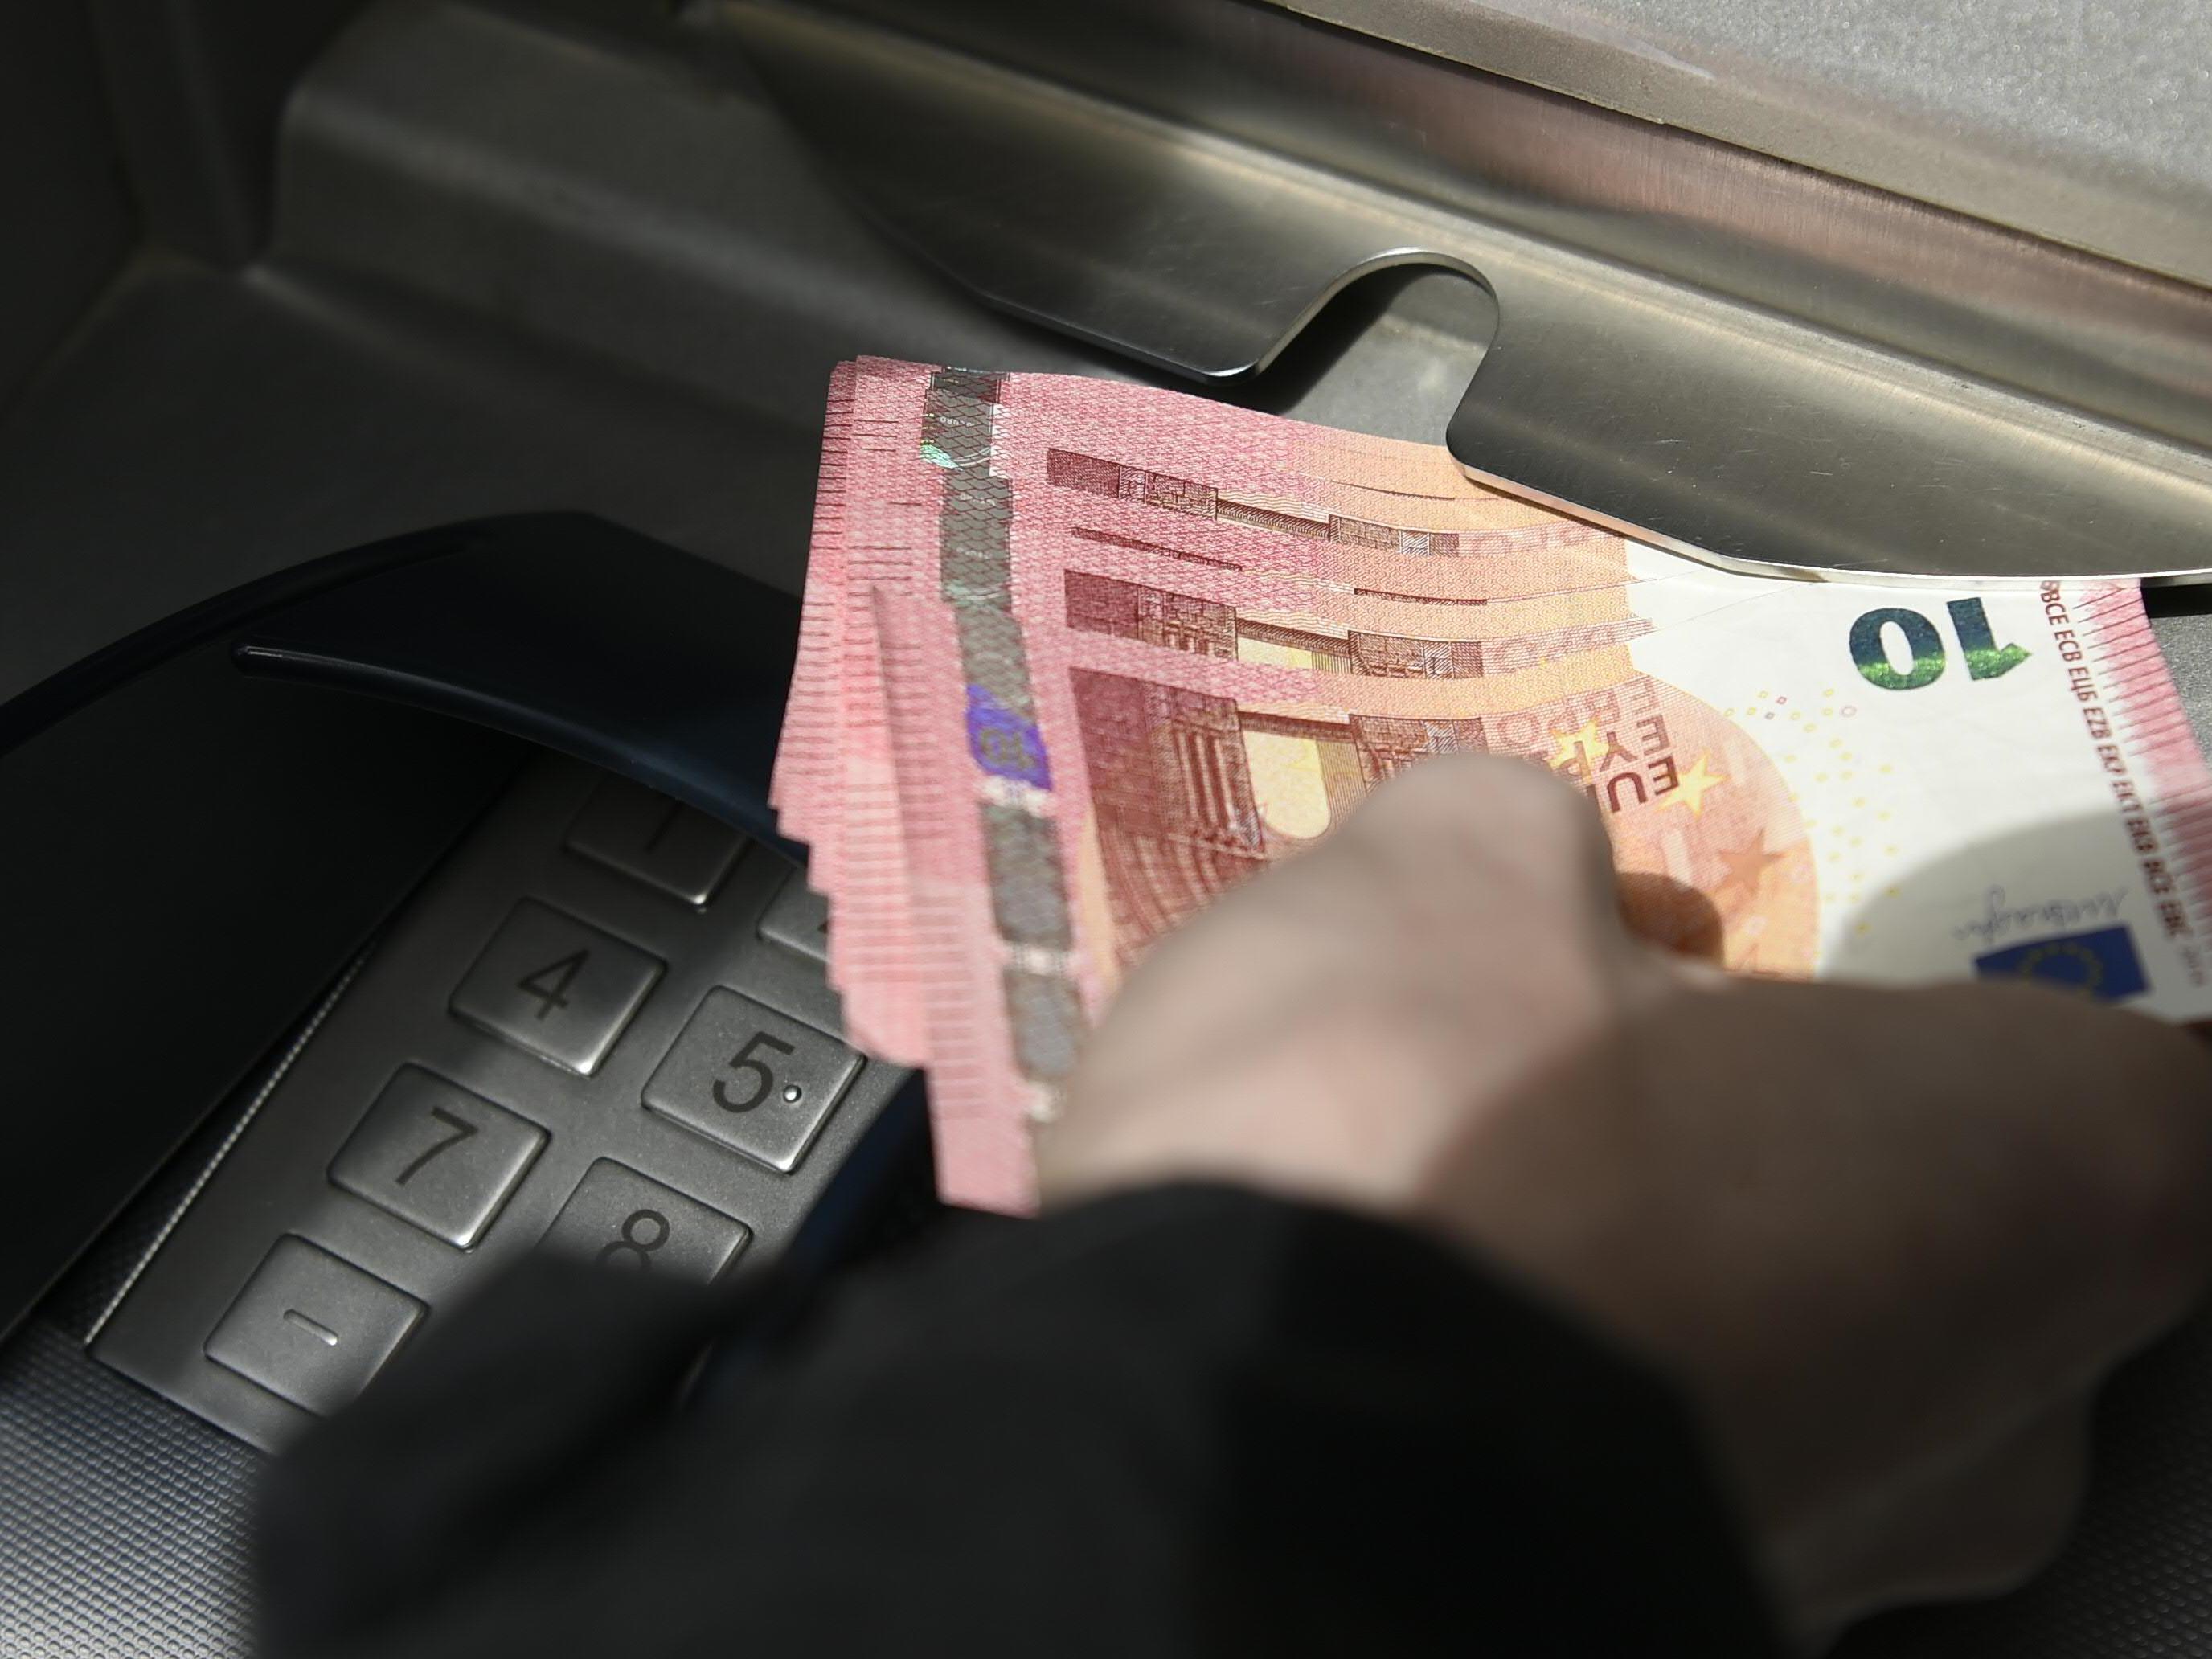 Der Mann soll 430.000 Euro aus Bankomaten gestohlen haben.